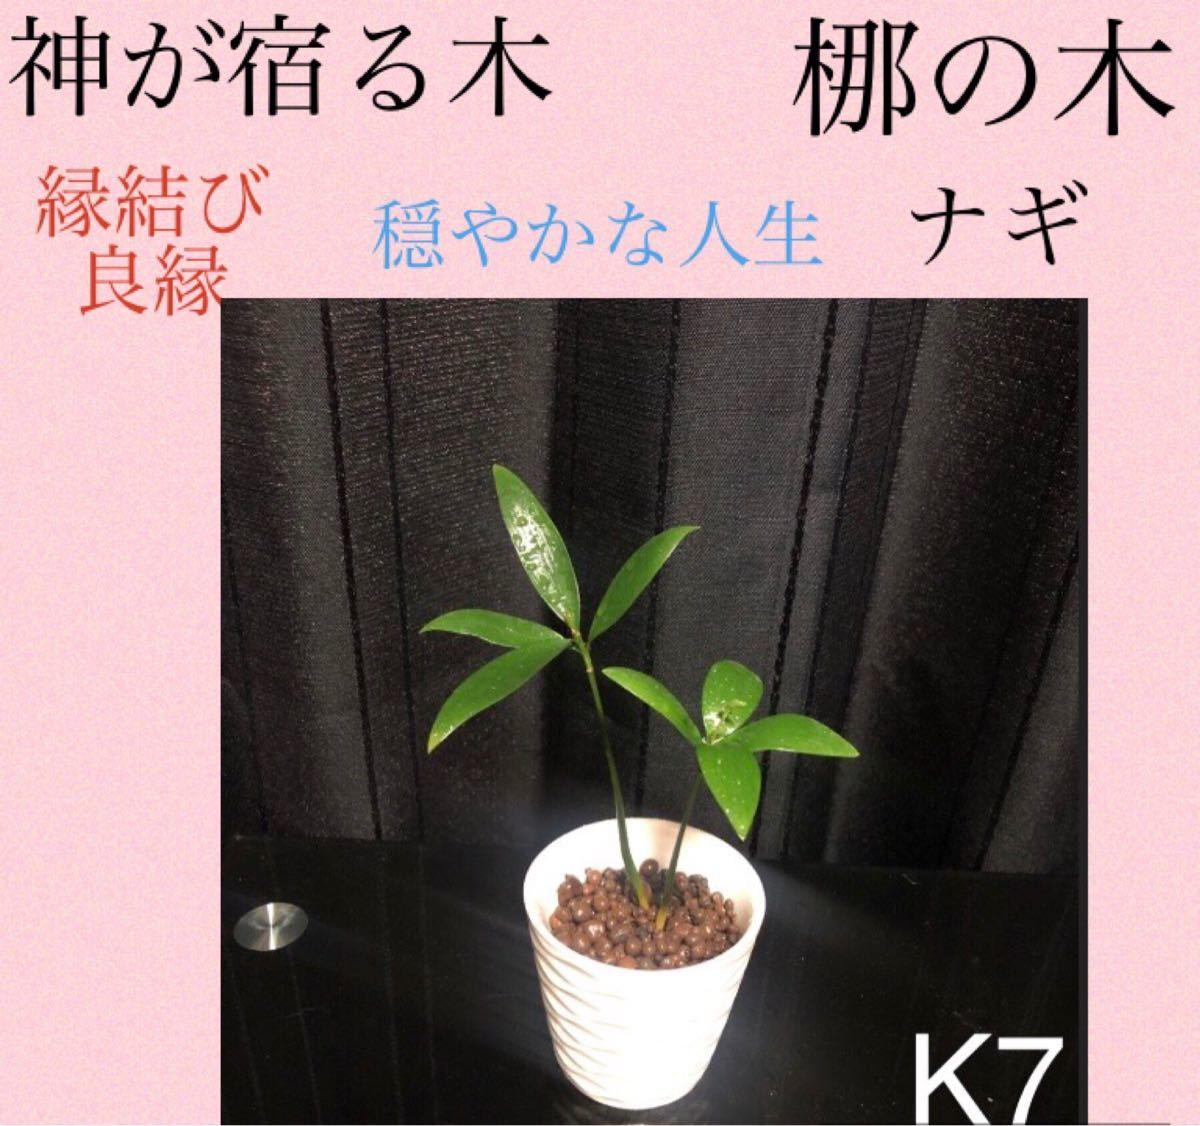 神が宿る木 ナギ 梛の木 縁結び お守りにも(^-^)抜き苗